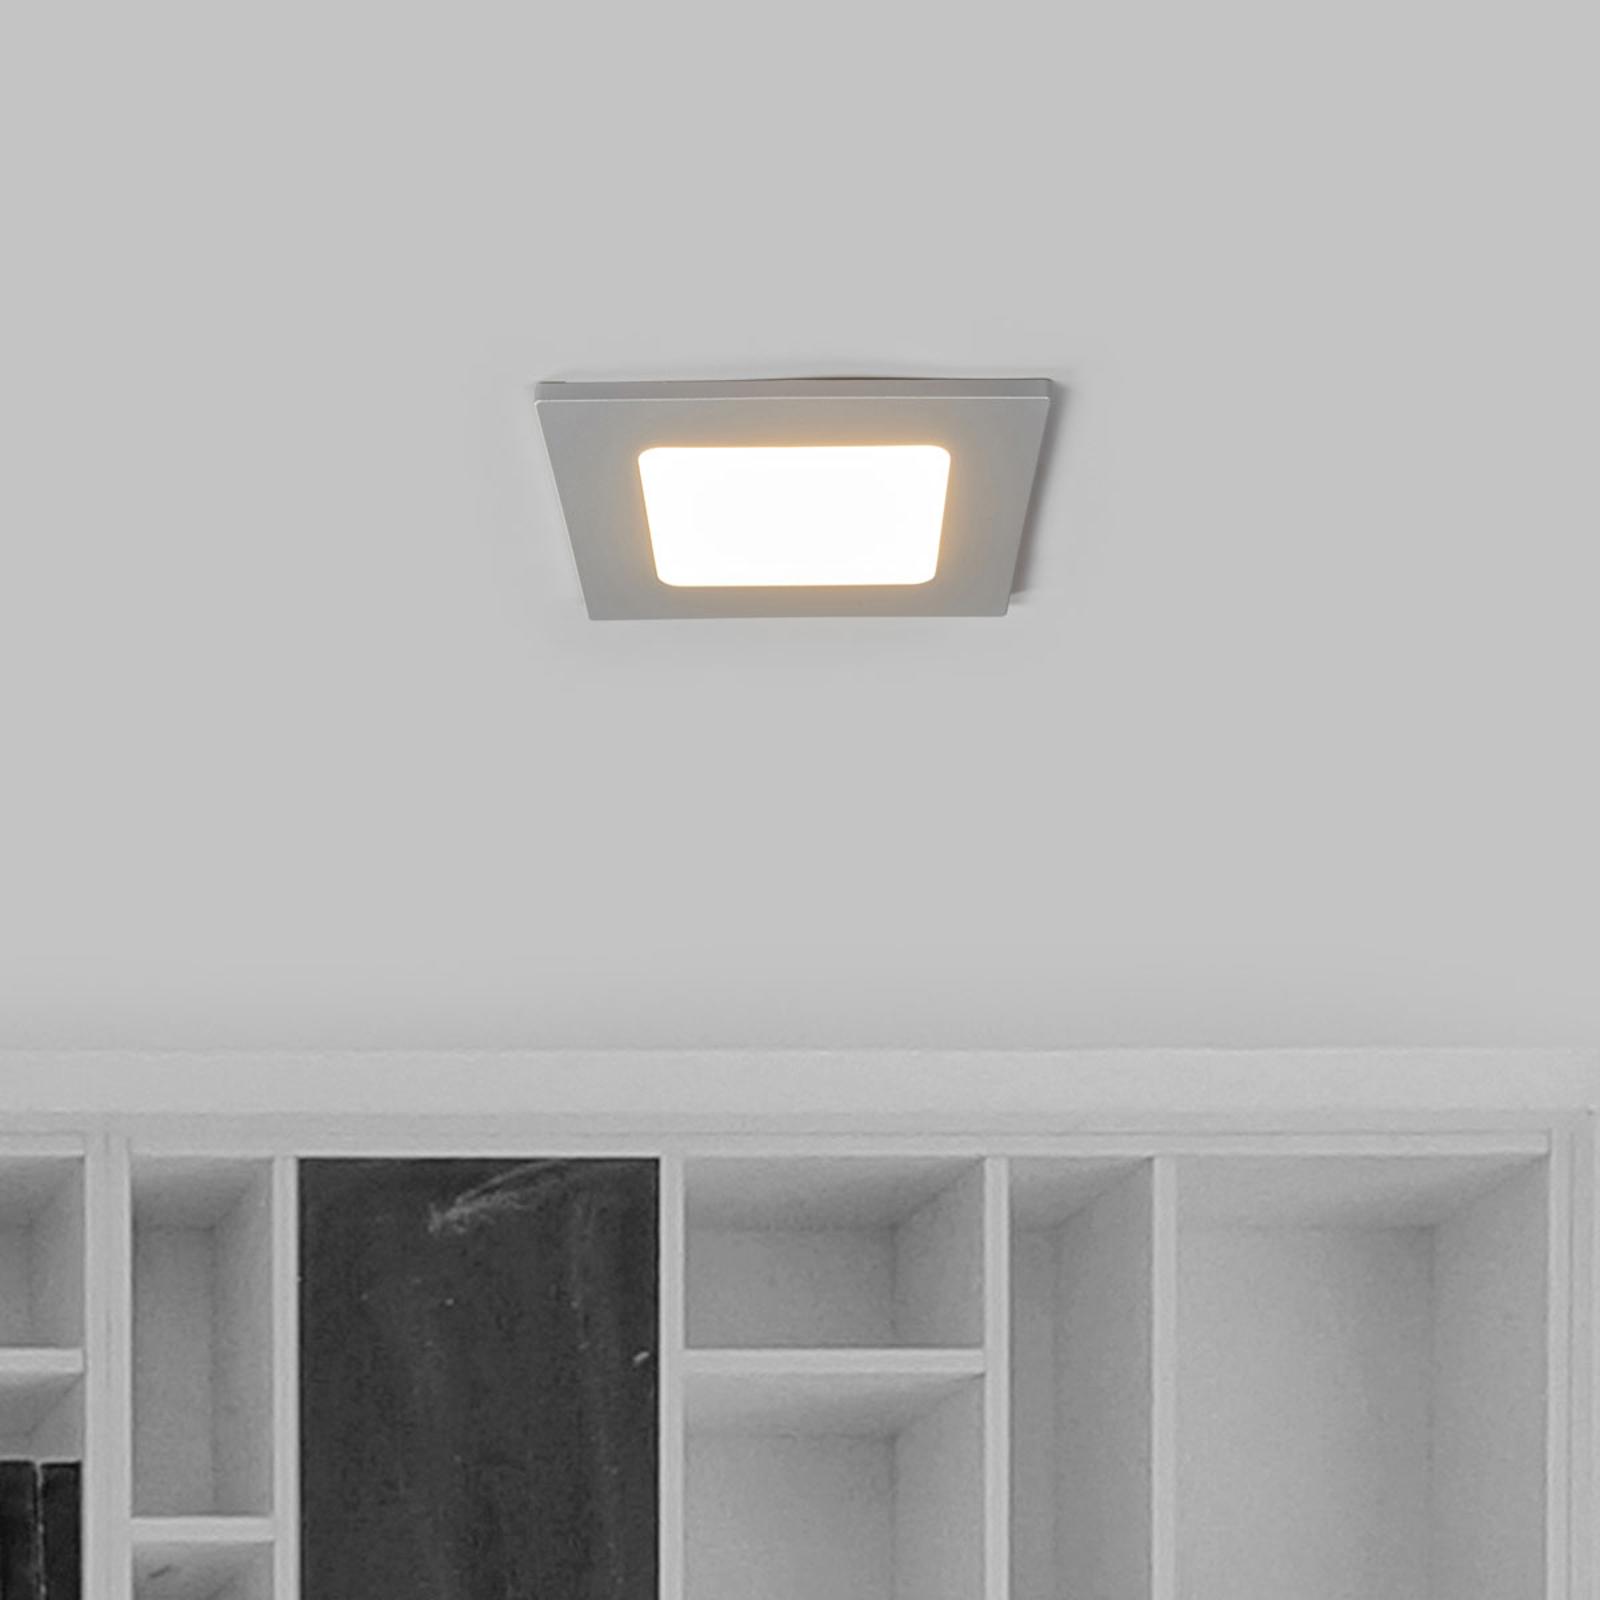 LED-Einbaustrahler Joki silber 3000K eckig 11,5cm